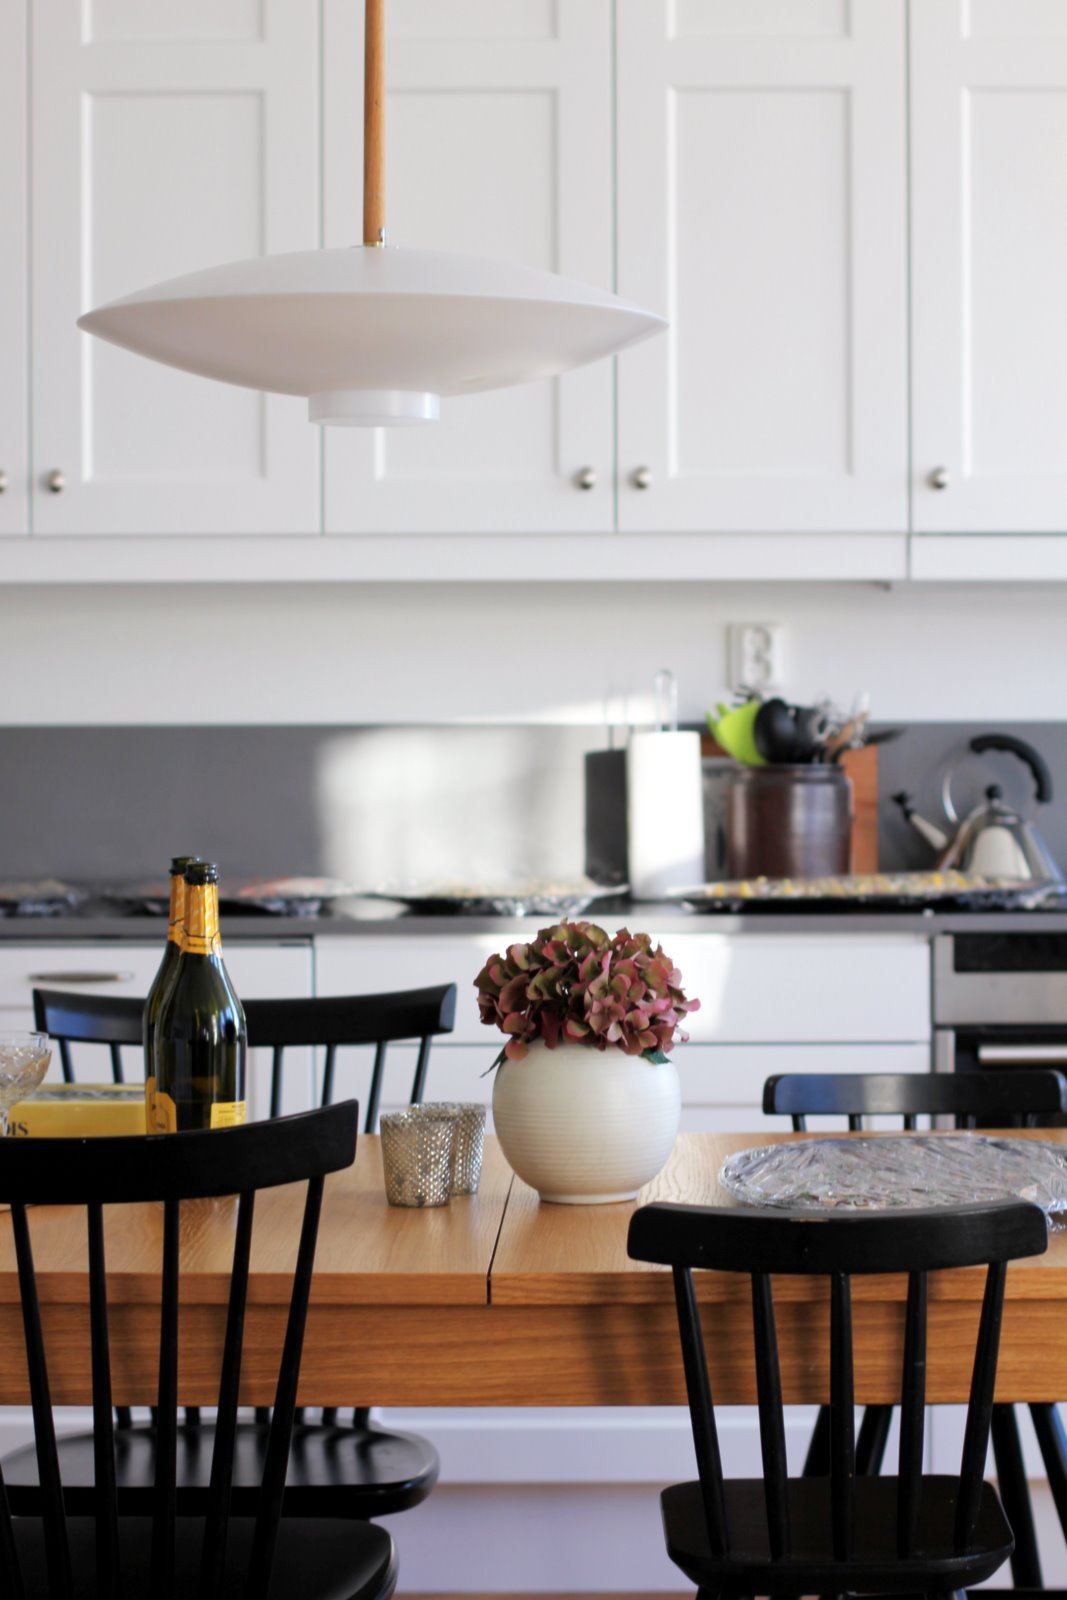 Stort Bursprak Kok :  kok i den hor luftiga matsalen med ett stort underbart bursprok